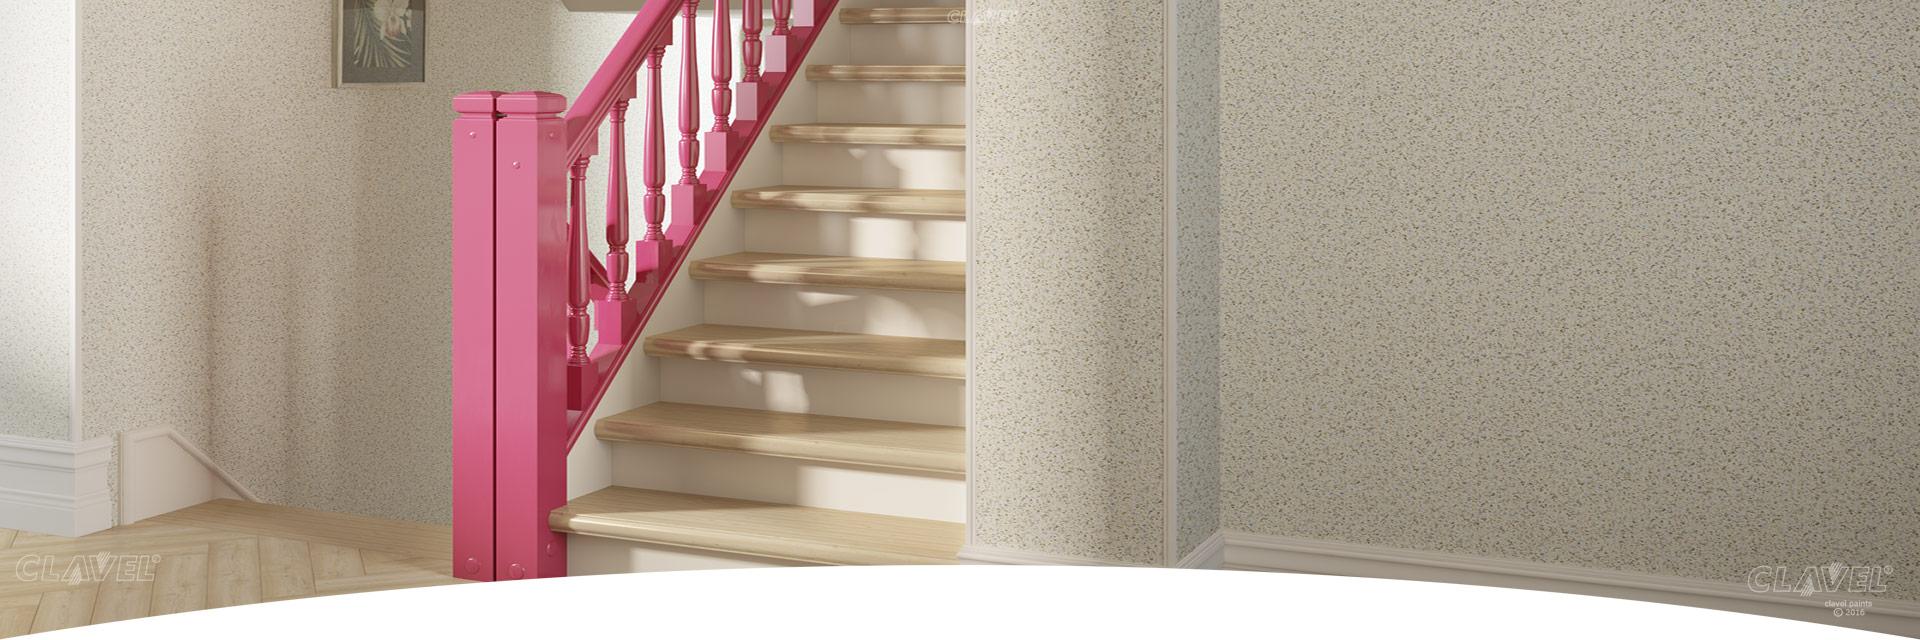 Флоковые покрытия - лучший выбор для общественных интерьеров.